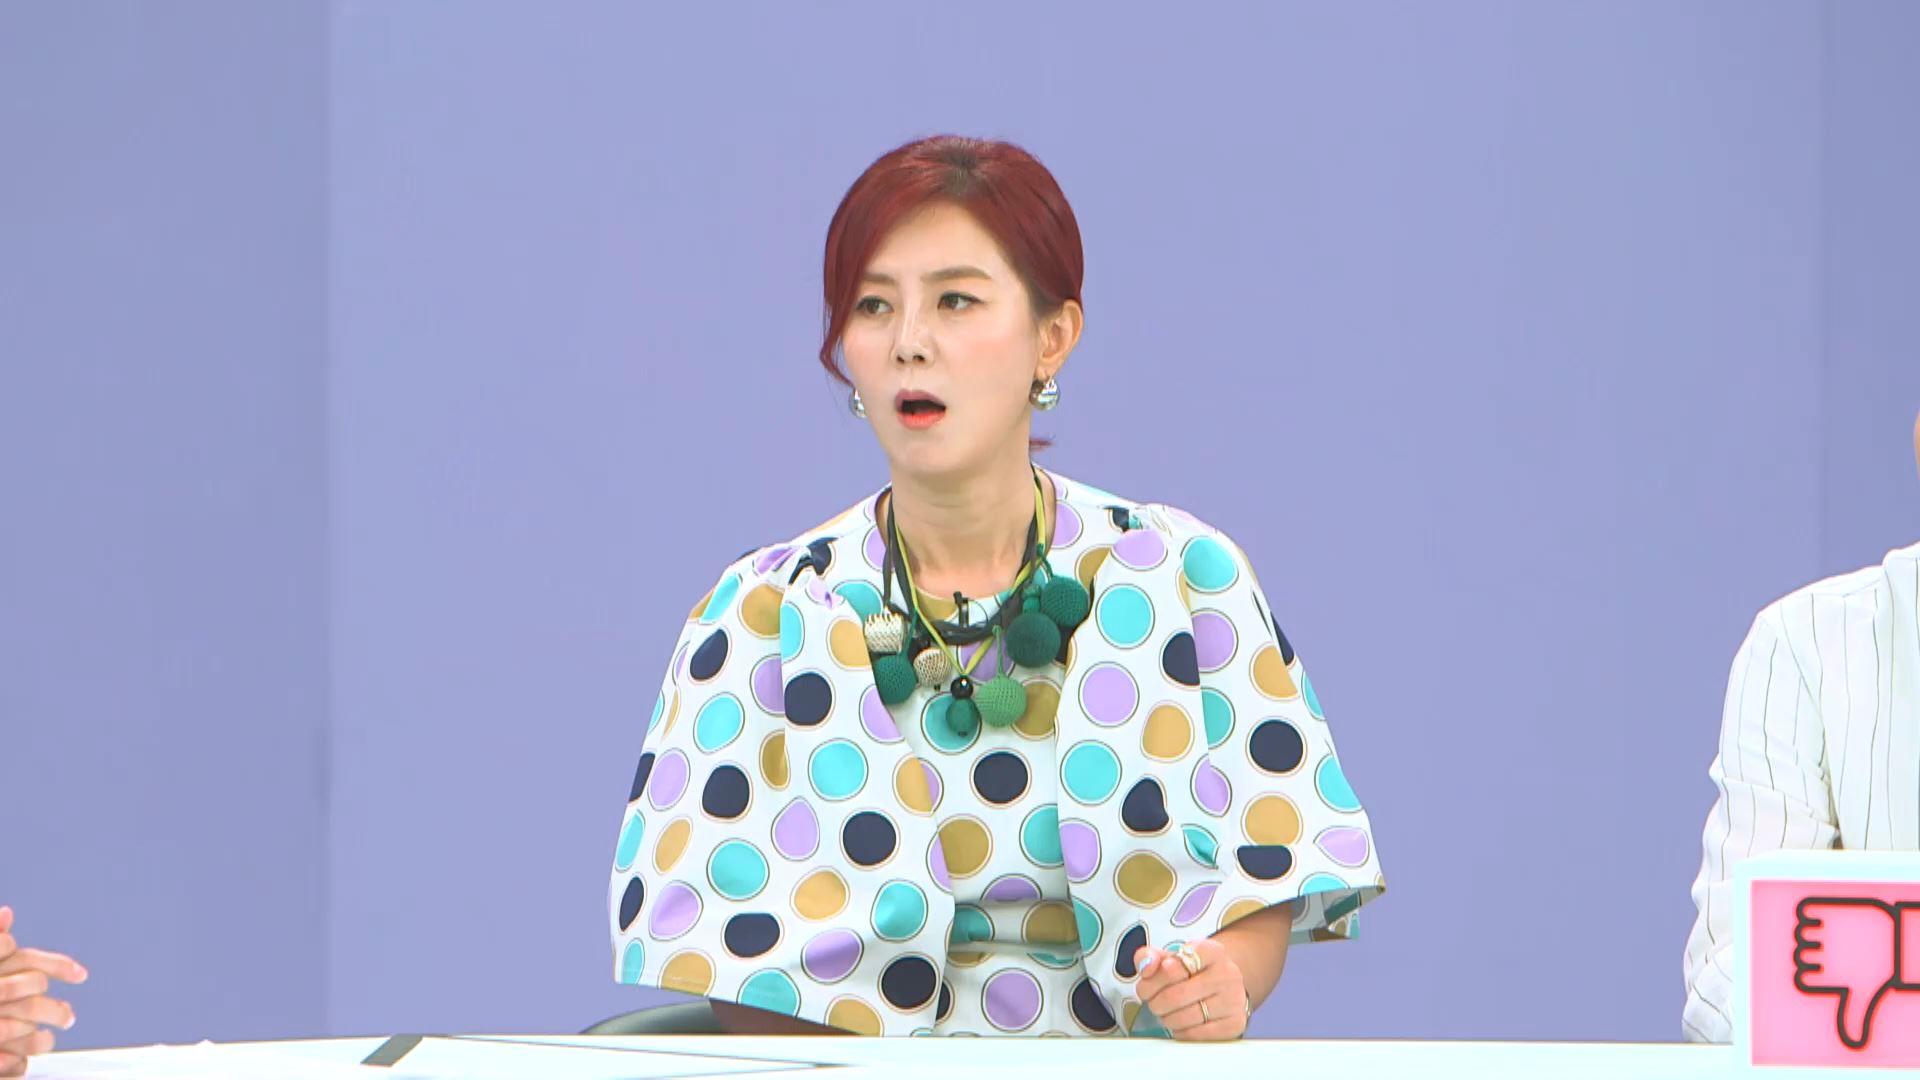 퍼펙트한 워킹맘 배우 조민희. 그녀의 일상 이대로 괜찮을까?!_퍼펙트 라이프 6회 예고 이미지